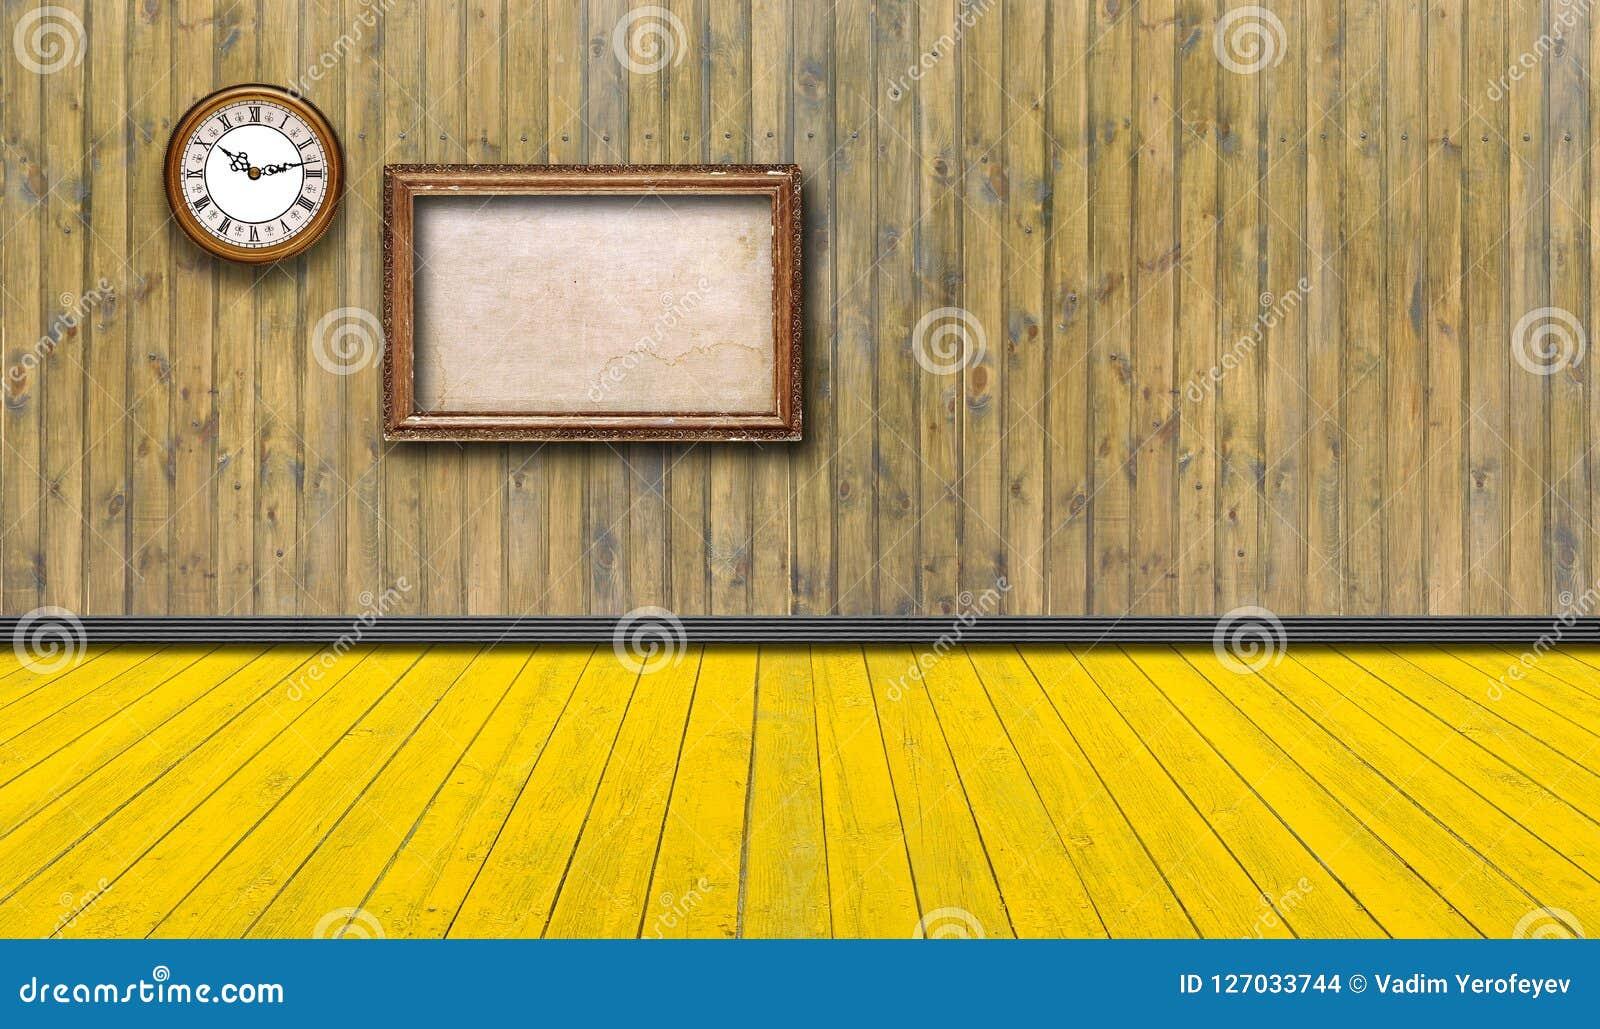 Κενά εκλεκτής ποιότητας πλαίσια και ρολόι ενάντια σε έναν ξύλινο τοίχο